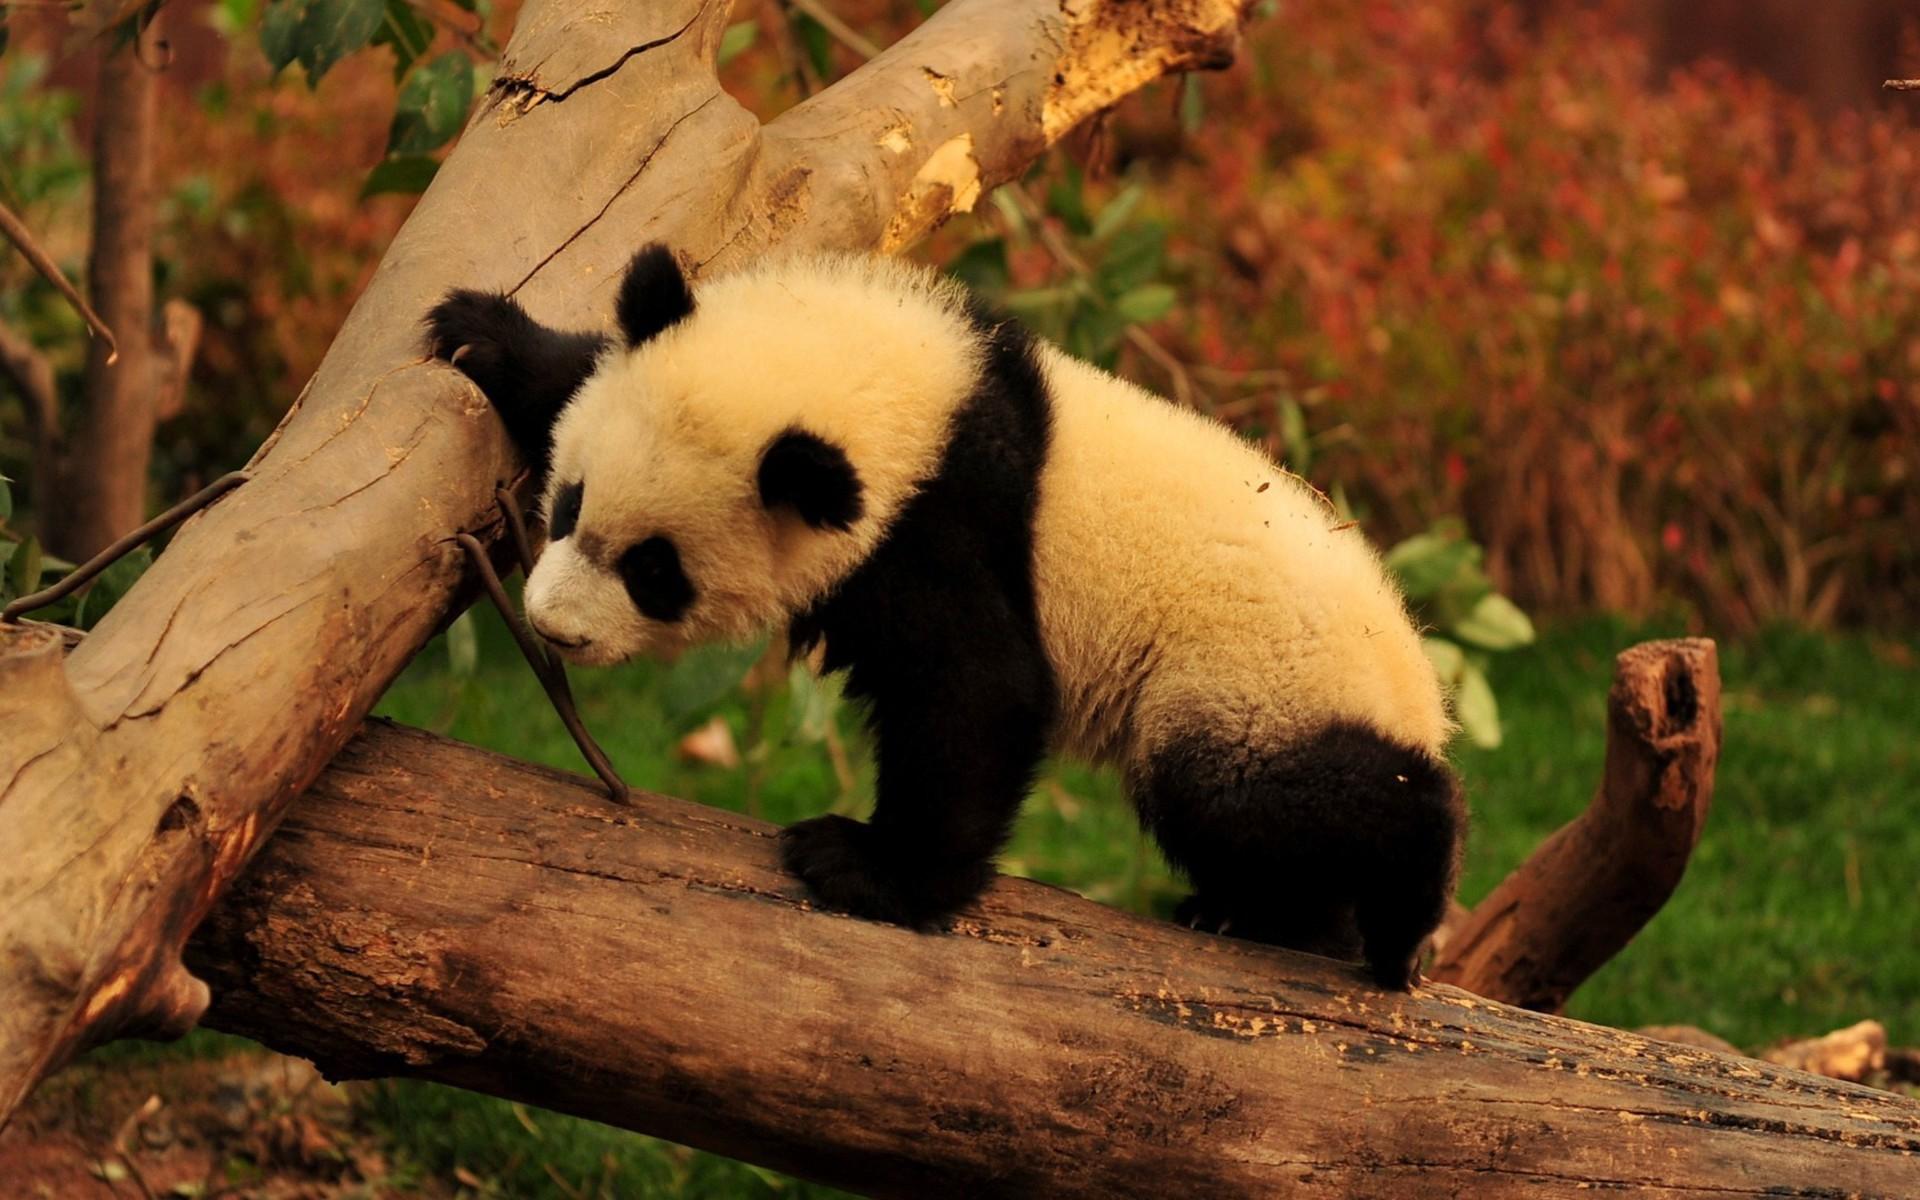 image d'un panda qui grimpe sur un arbre au coucher de soleil